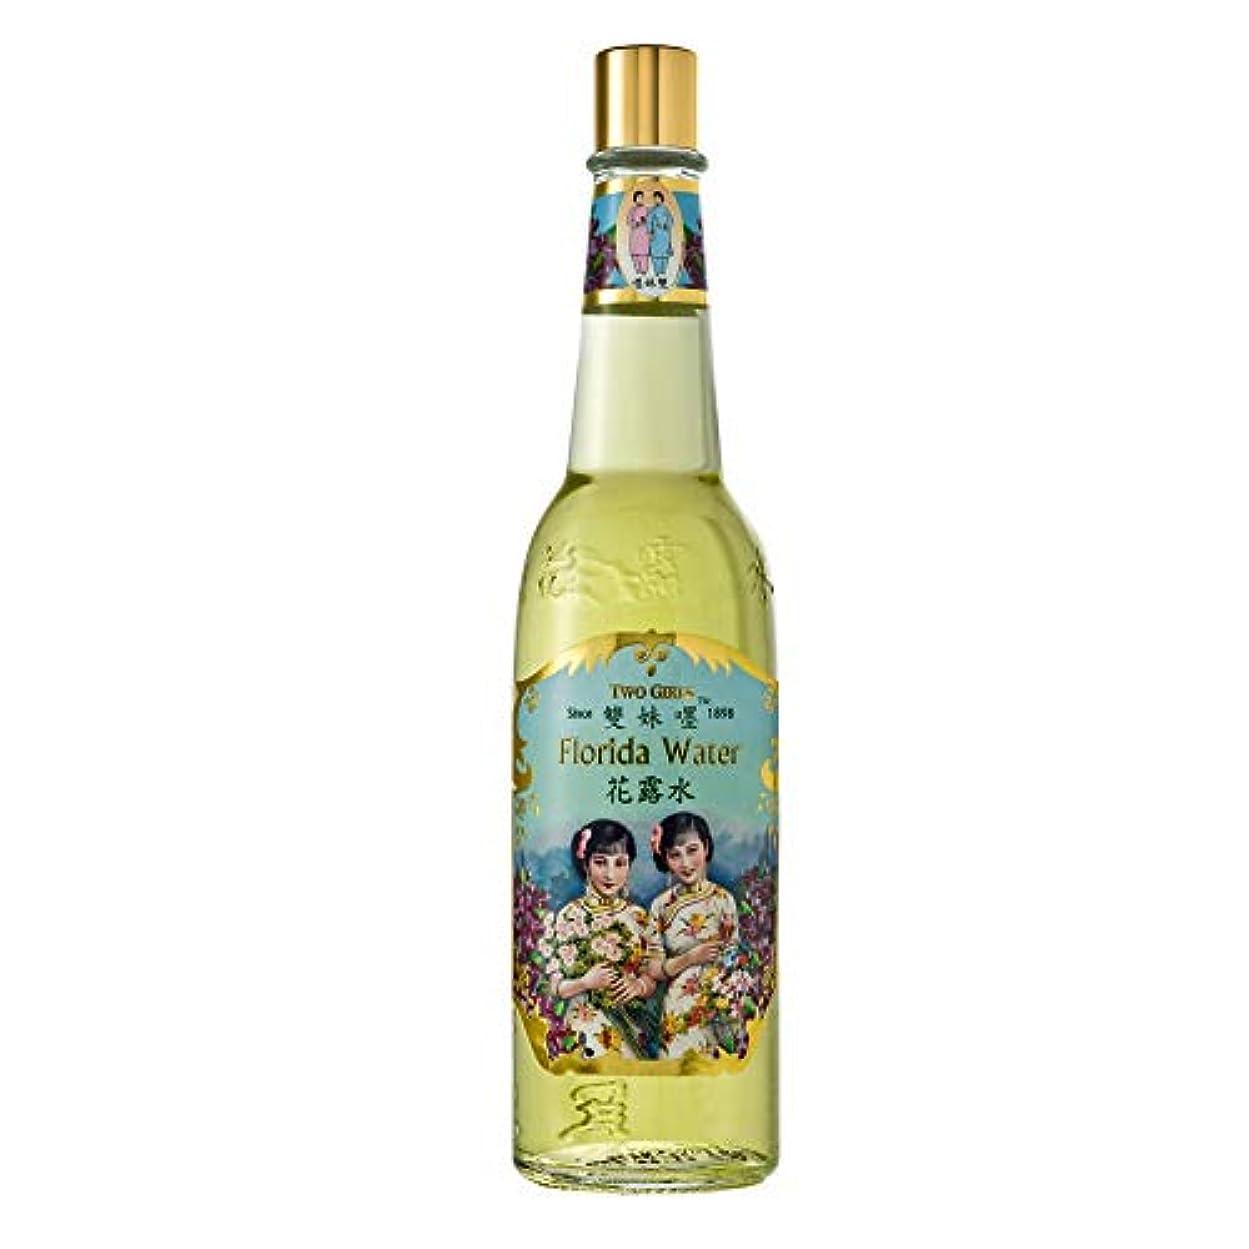 百万ネックレット追い払う香港のお土産 双子の姉妹 双子マーク「雙妹嚜」 オーデコロン スプレータイプ (200ml) 防虫剤 香水